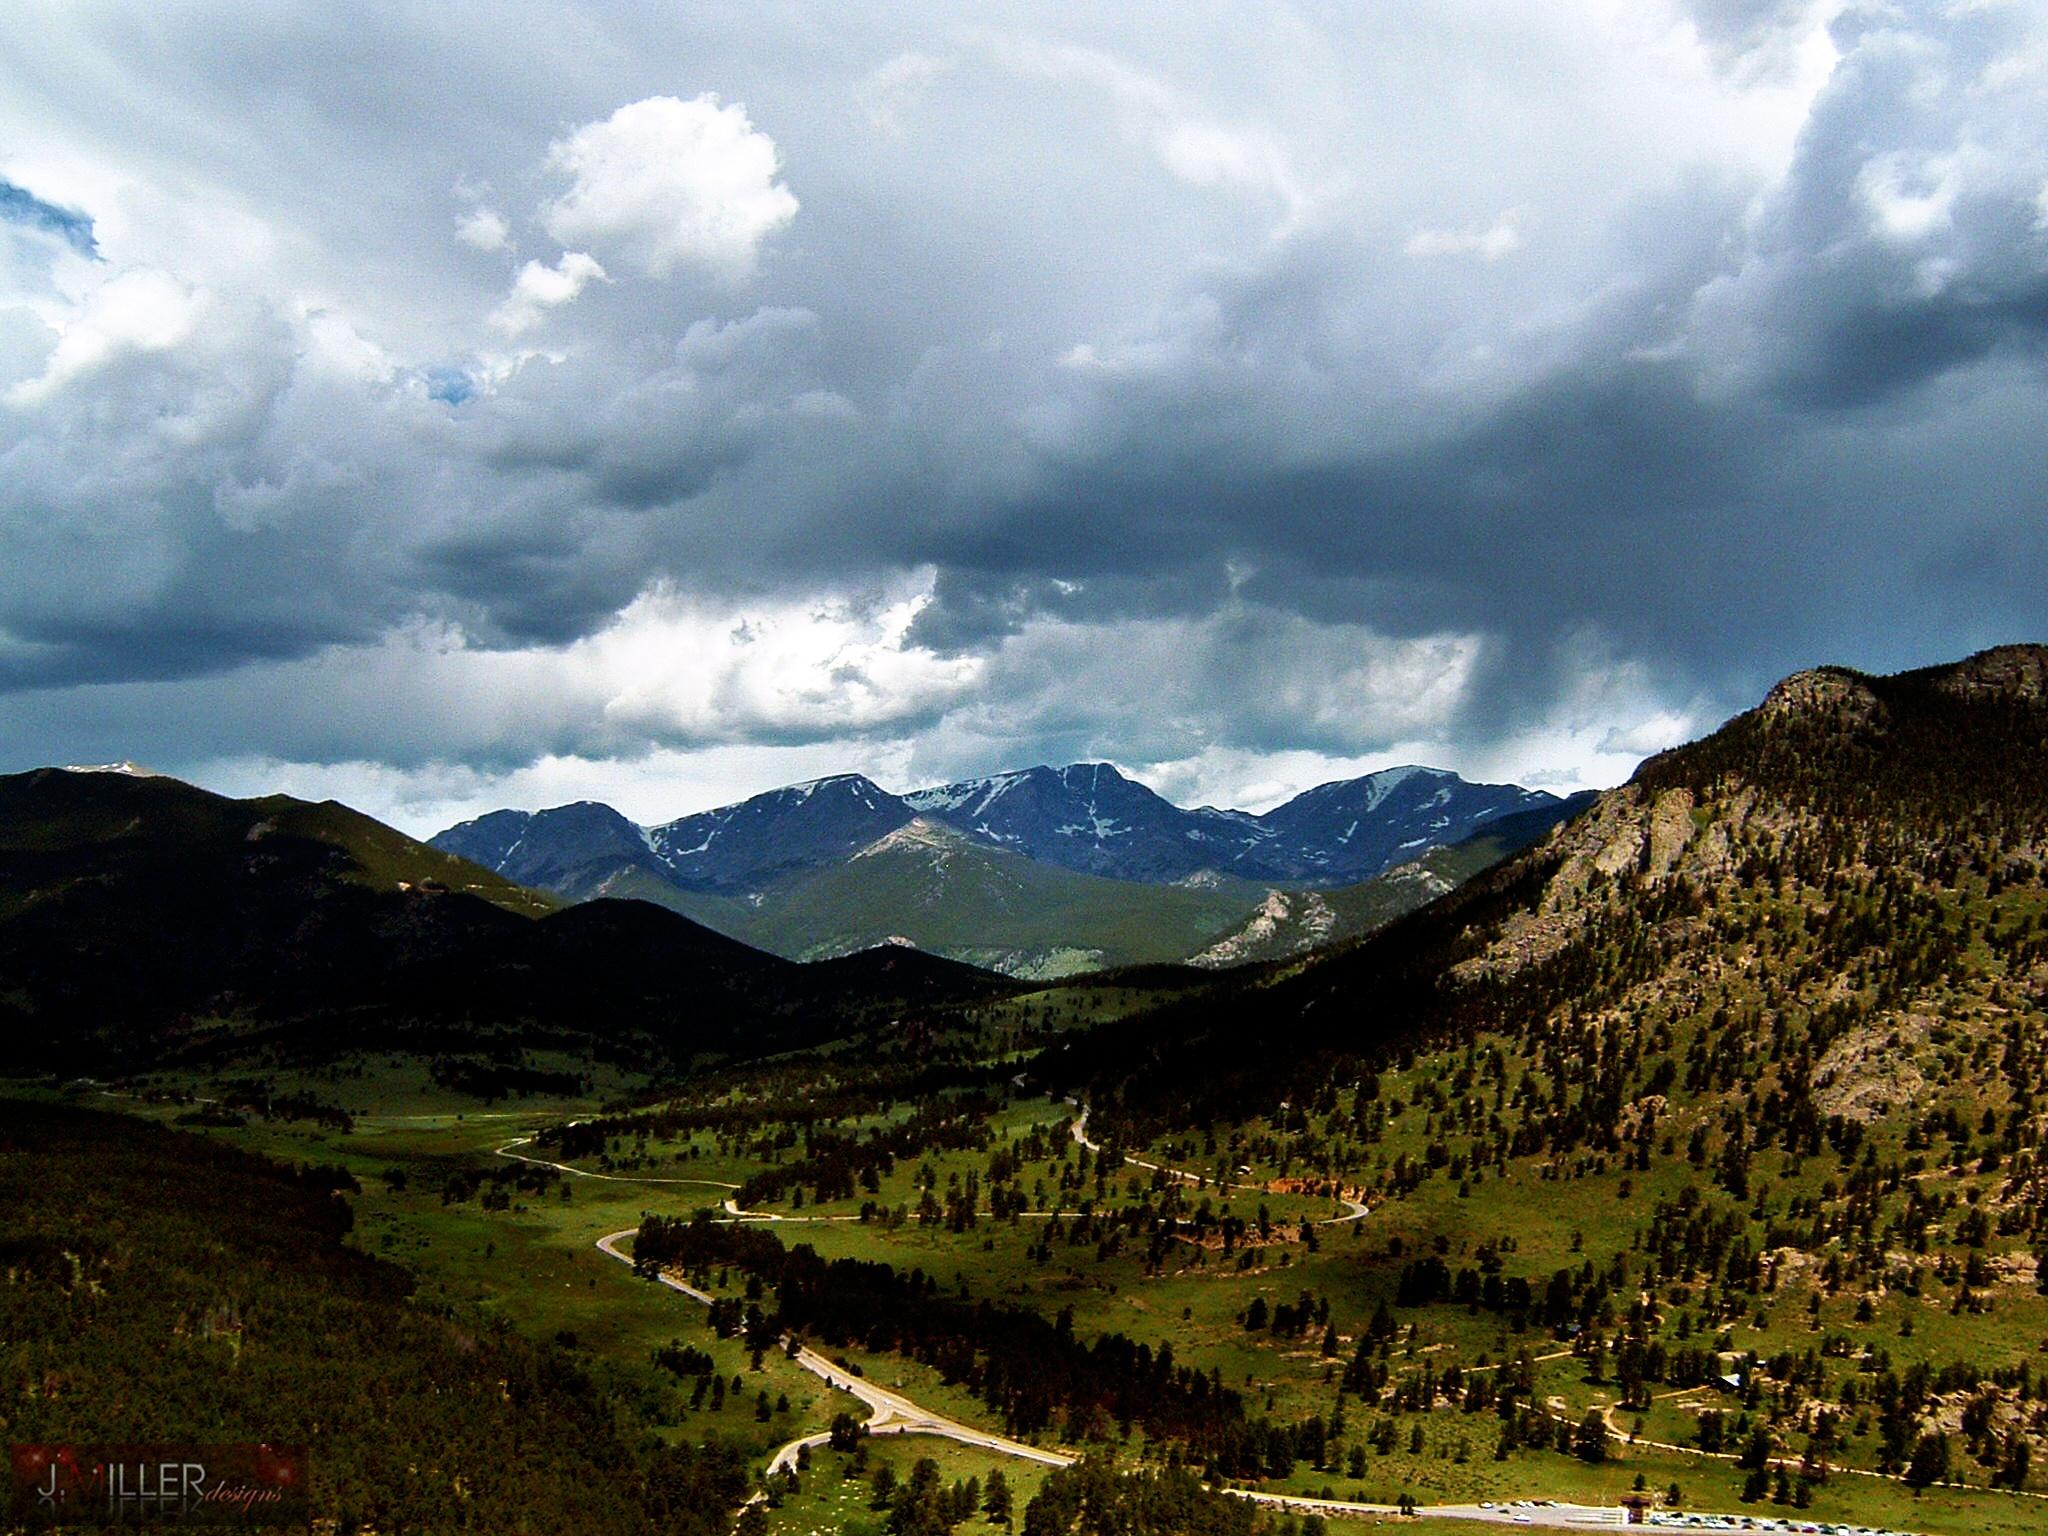 Colorado Valleys by Justin Miller